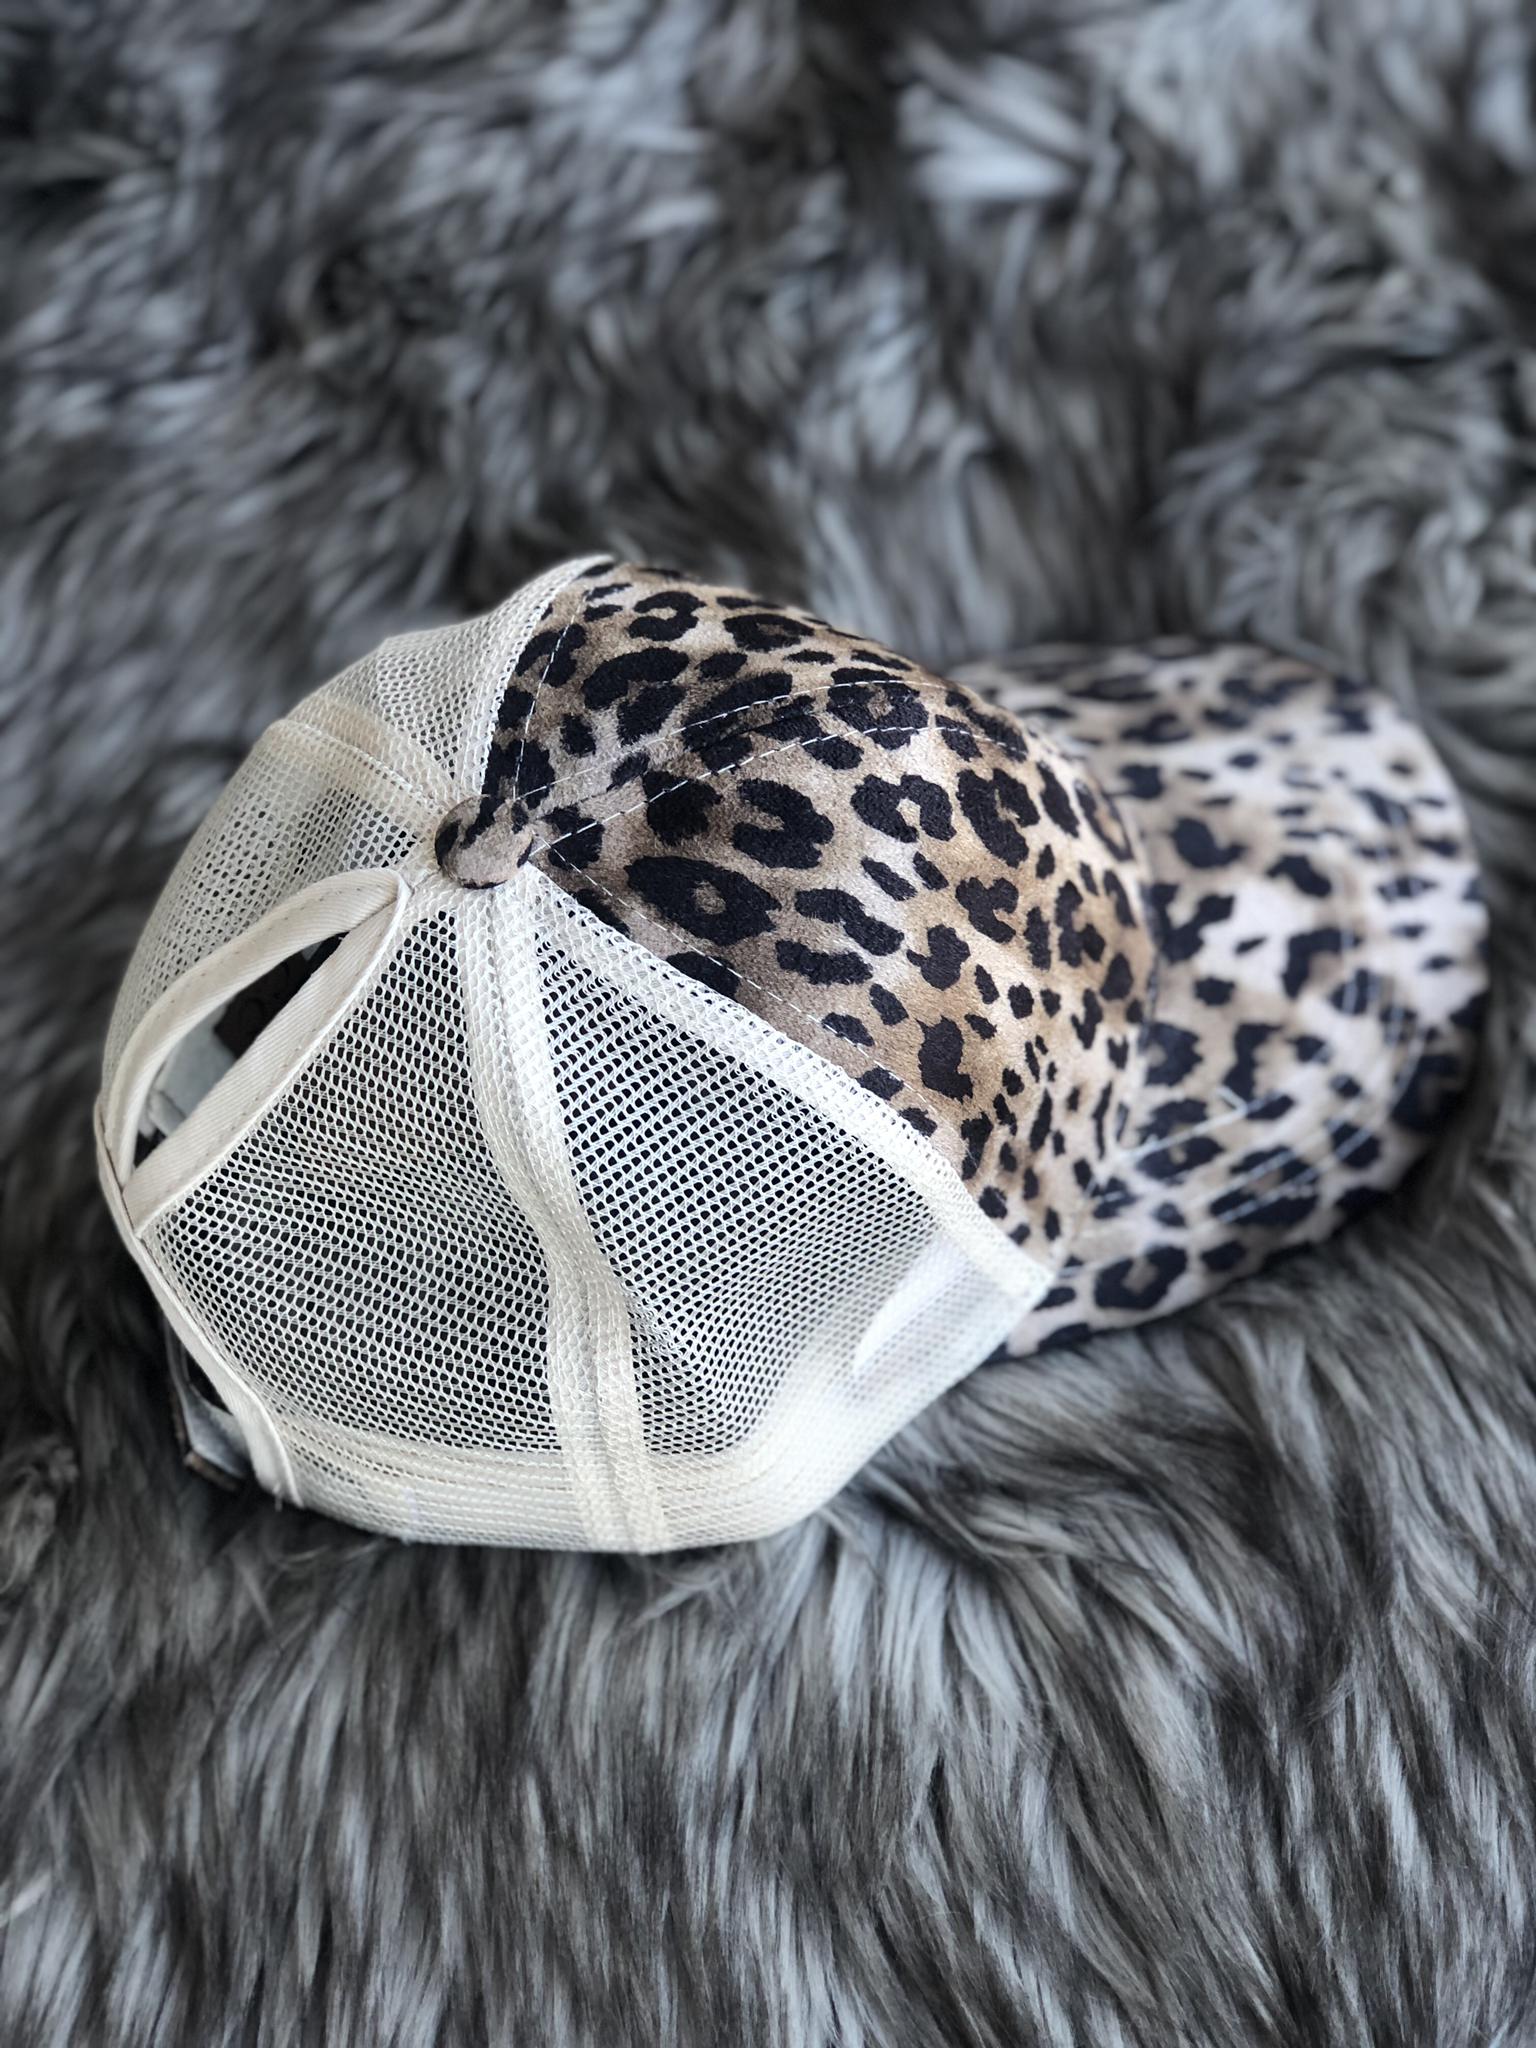 CC Ponytail Hat - Cheetah 82954